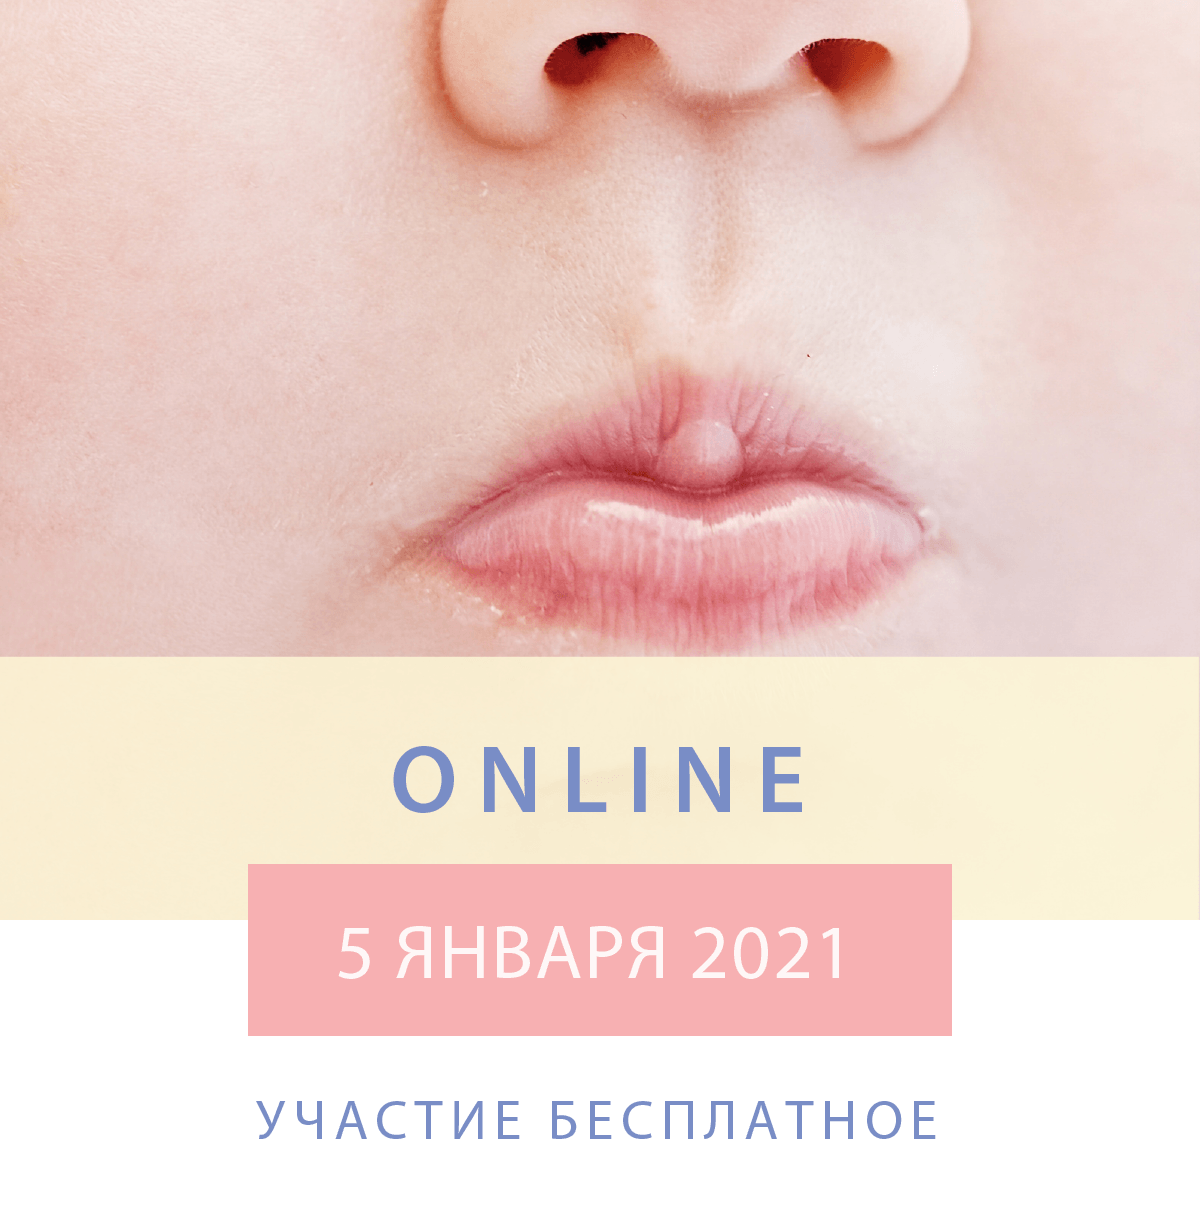 Современные подходы к репродуктивным технологиям Онлайн. 05.01.2021